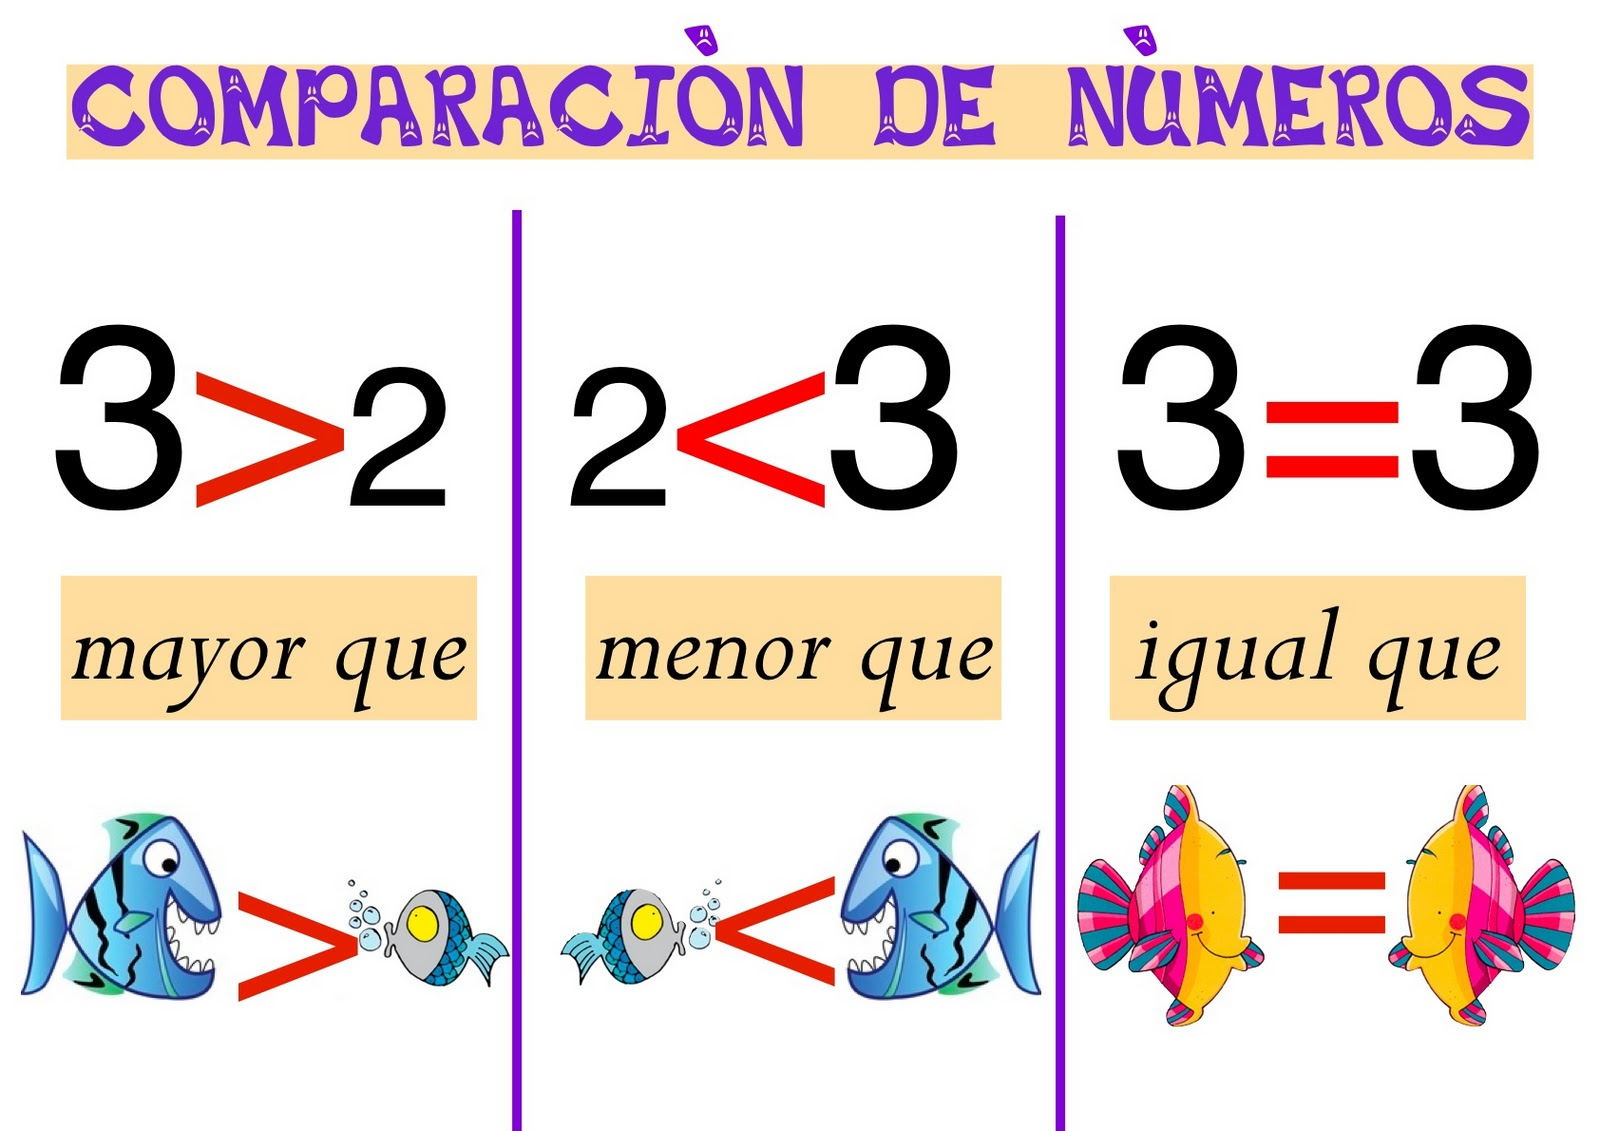 http://www.mundoprimaria.com/juegos-matematicas/juego-mayor-que-y-menor-que/?rnd=0.540813184343027